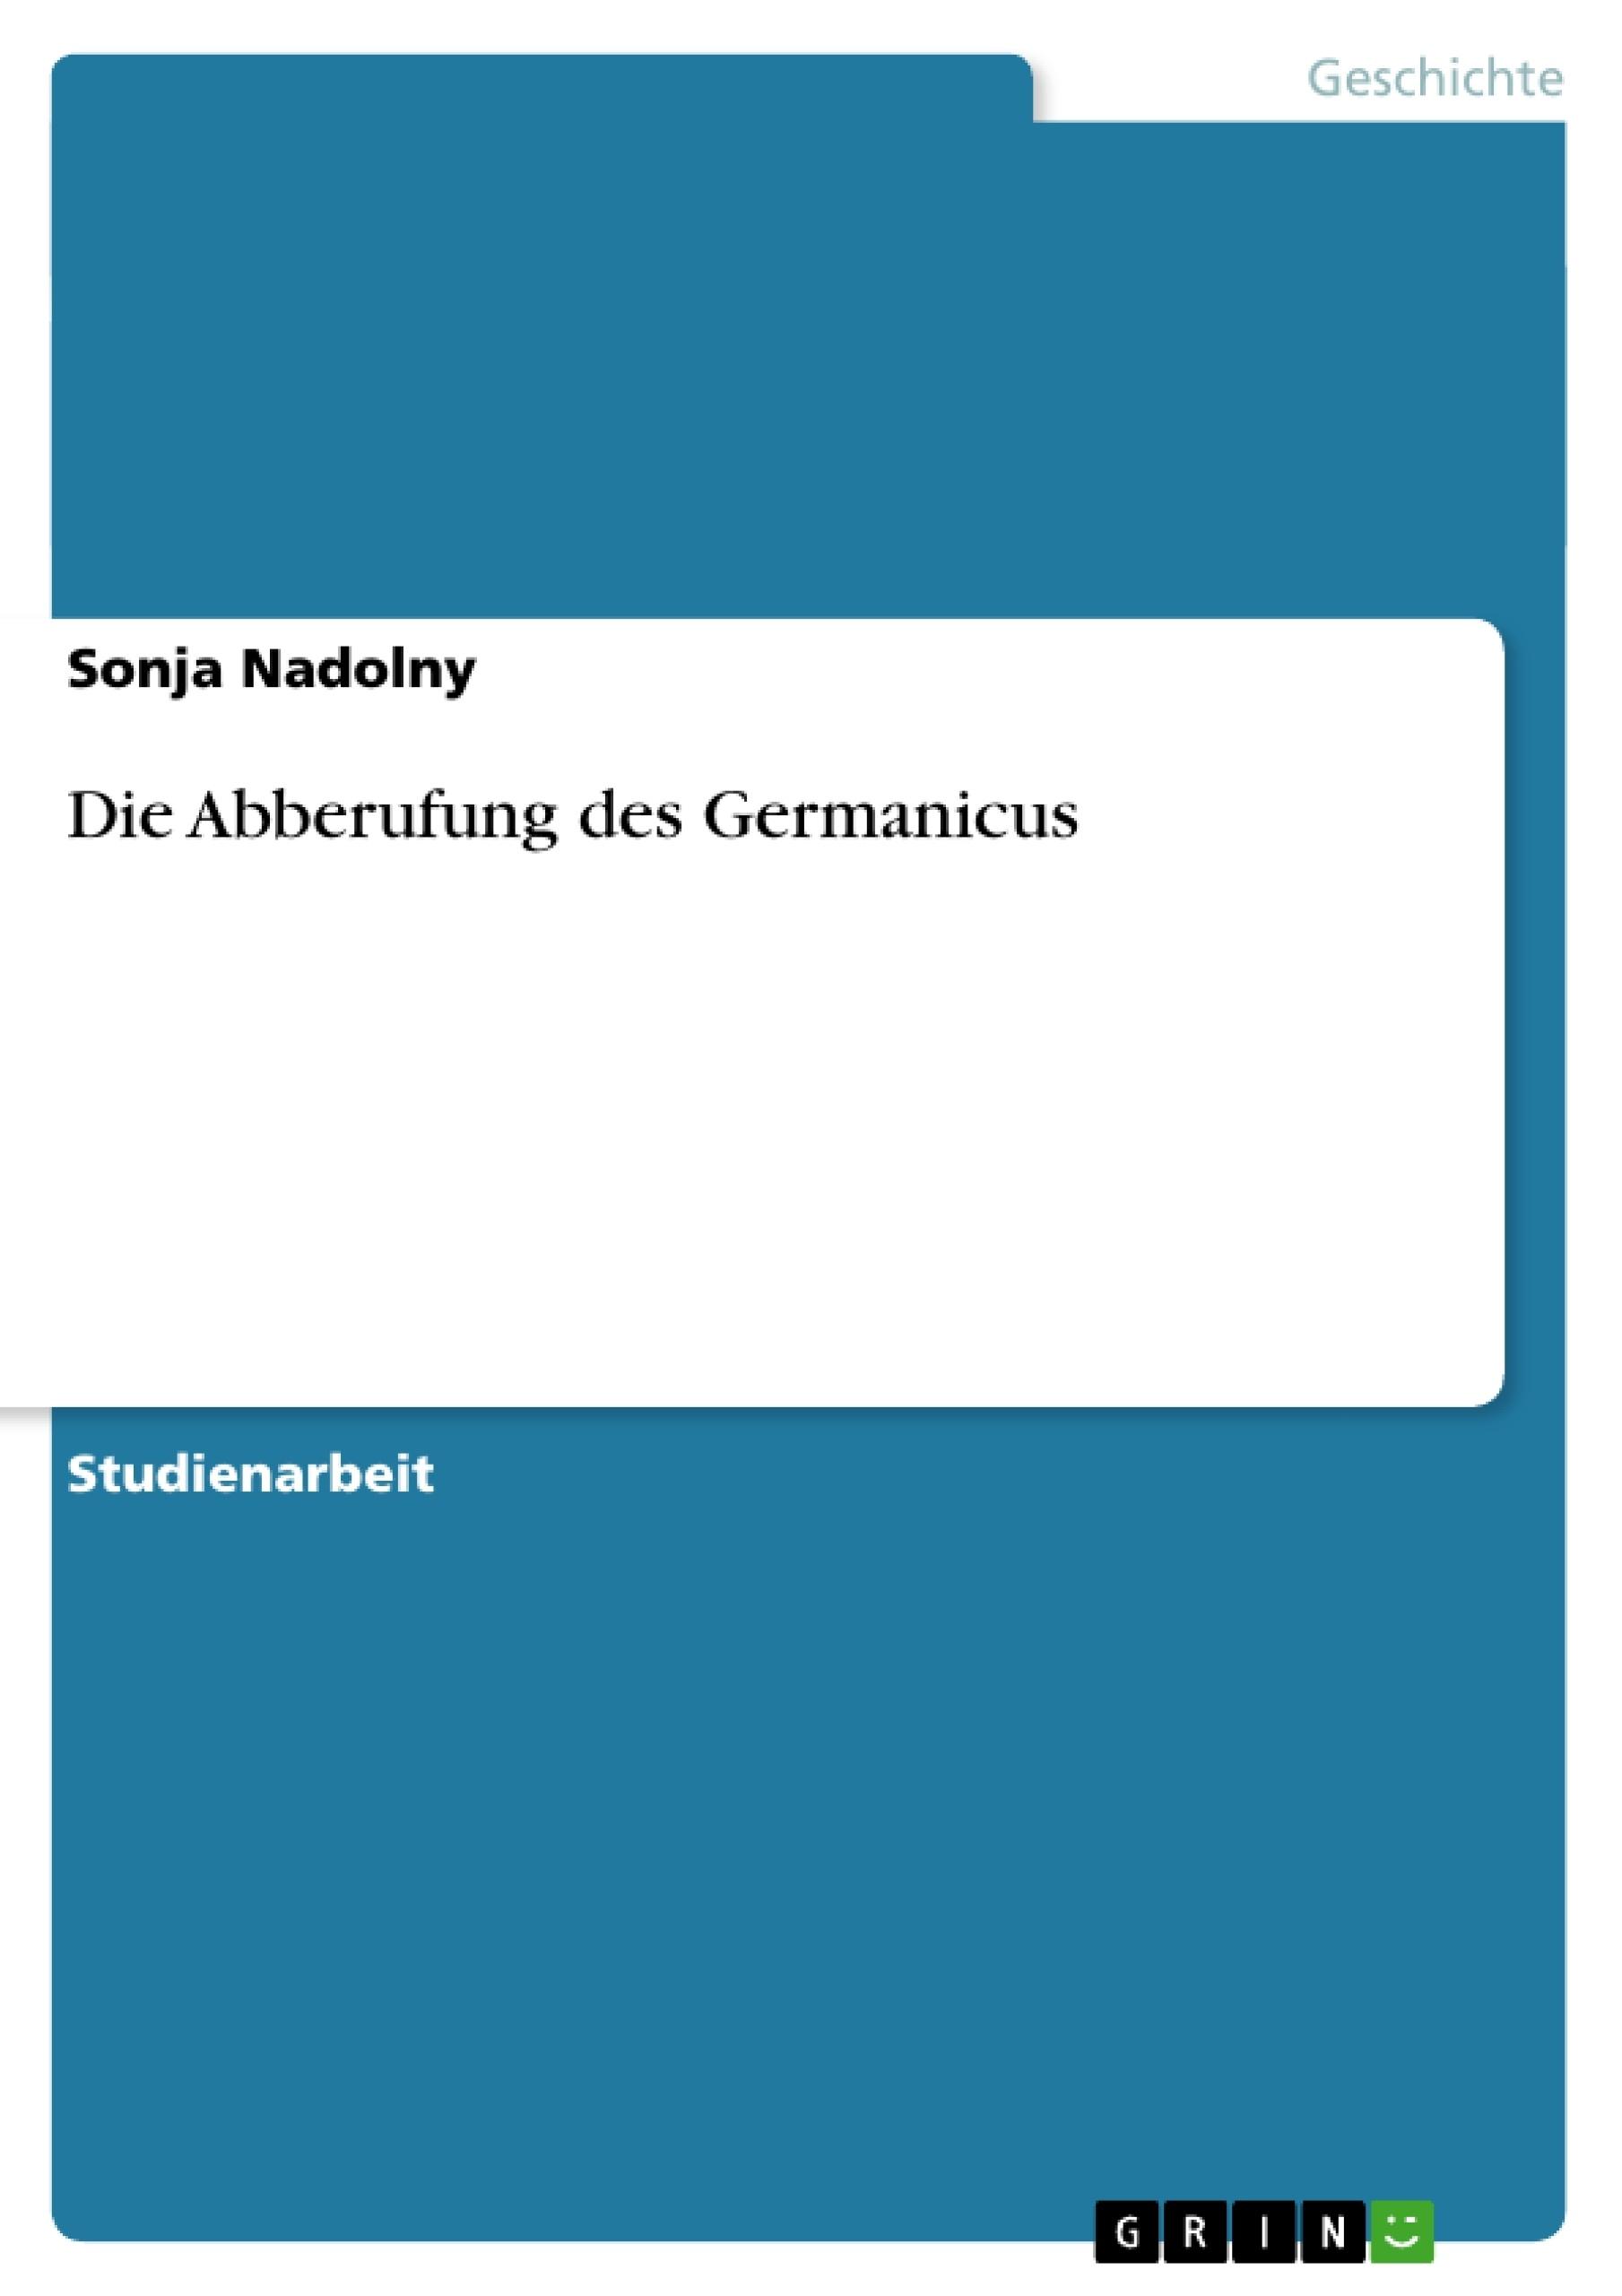 Titel: Die Abberufung des Germanicus